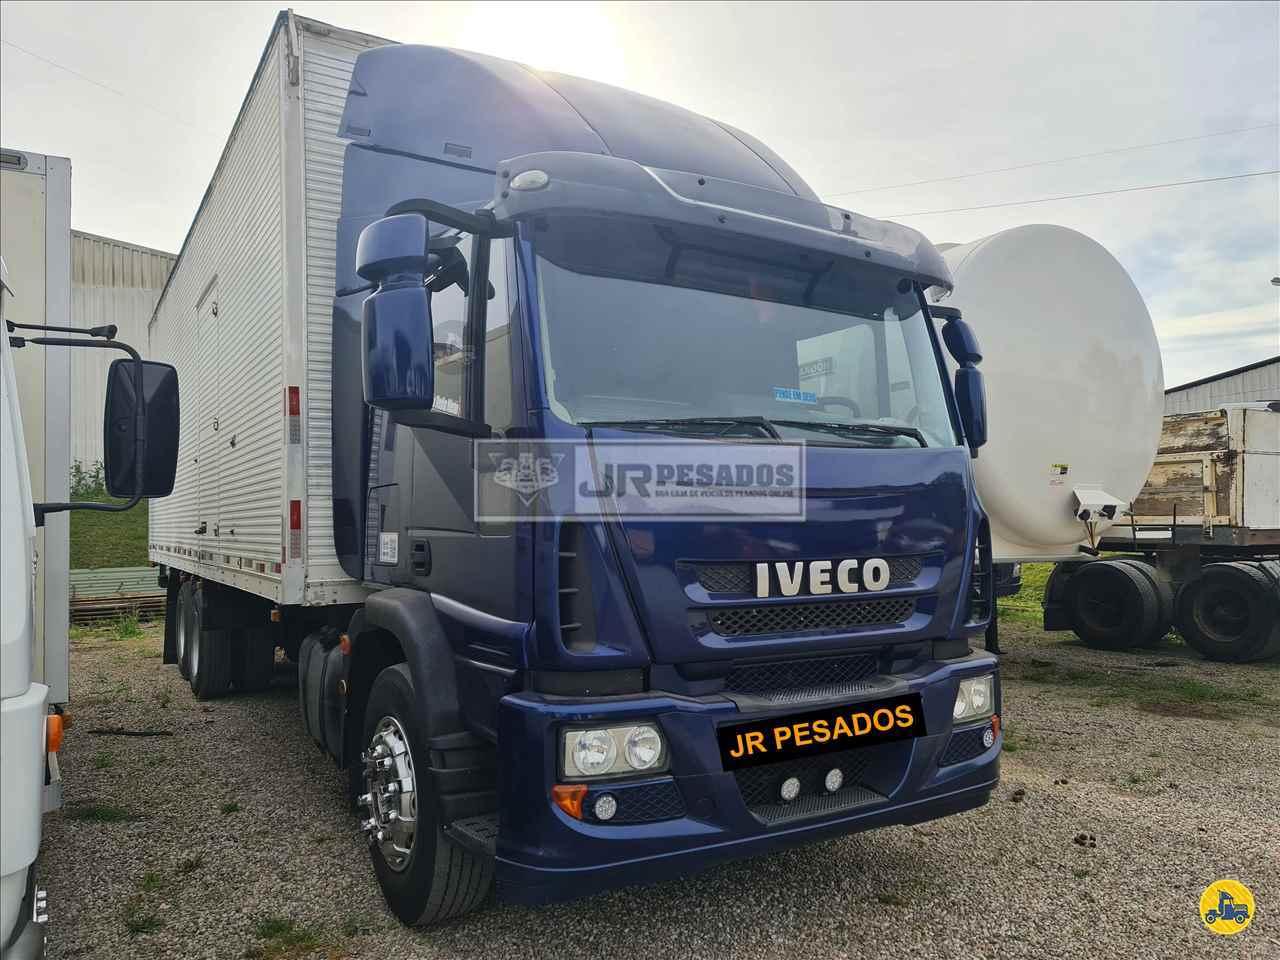 CAMINHAO IVECO TECTOR 240E25 Baú Furgão Truck 6x2 JR Pesados CURITIBA PARANÁ PR